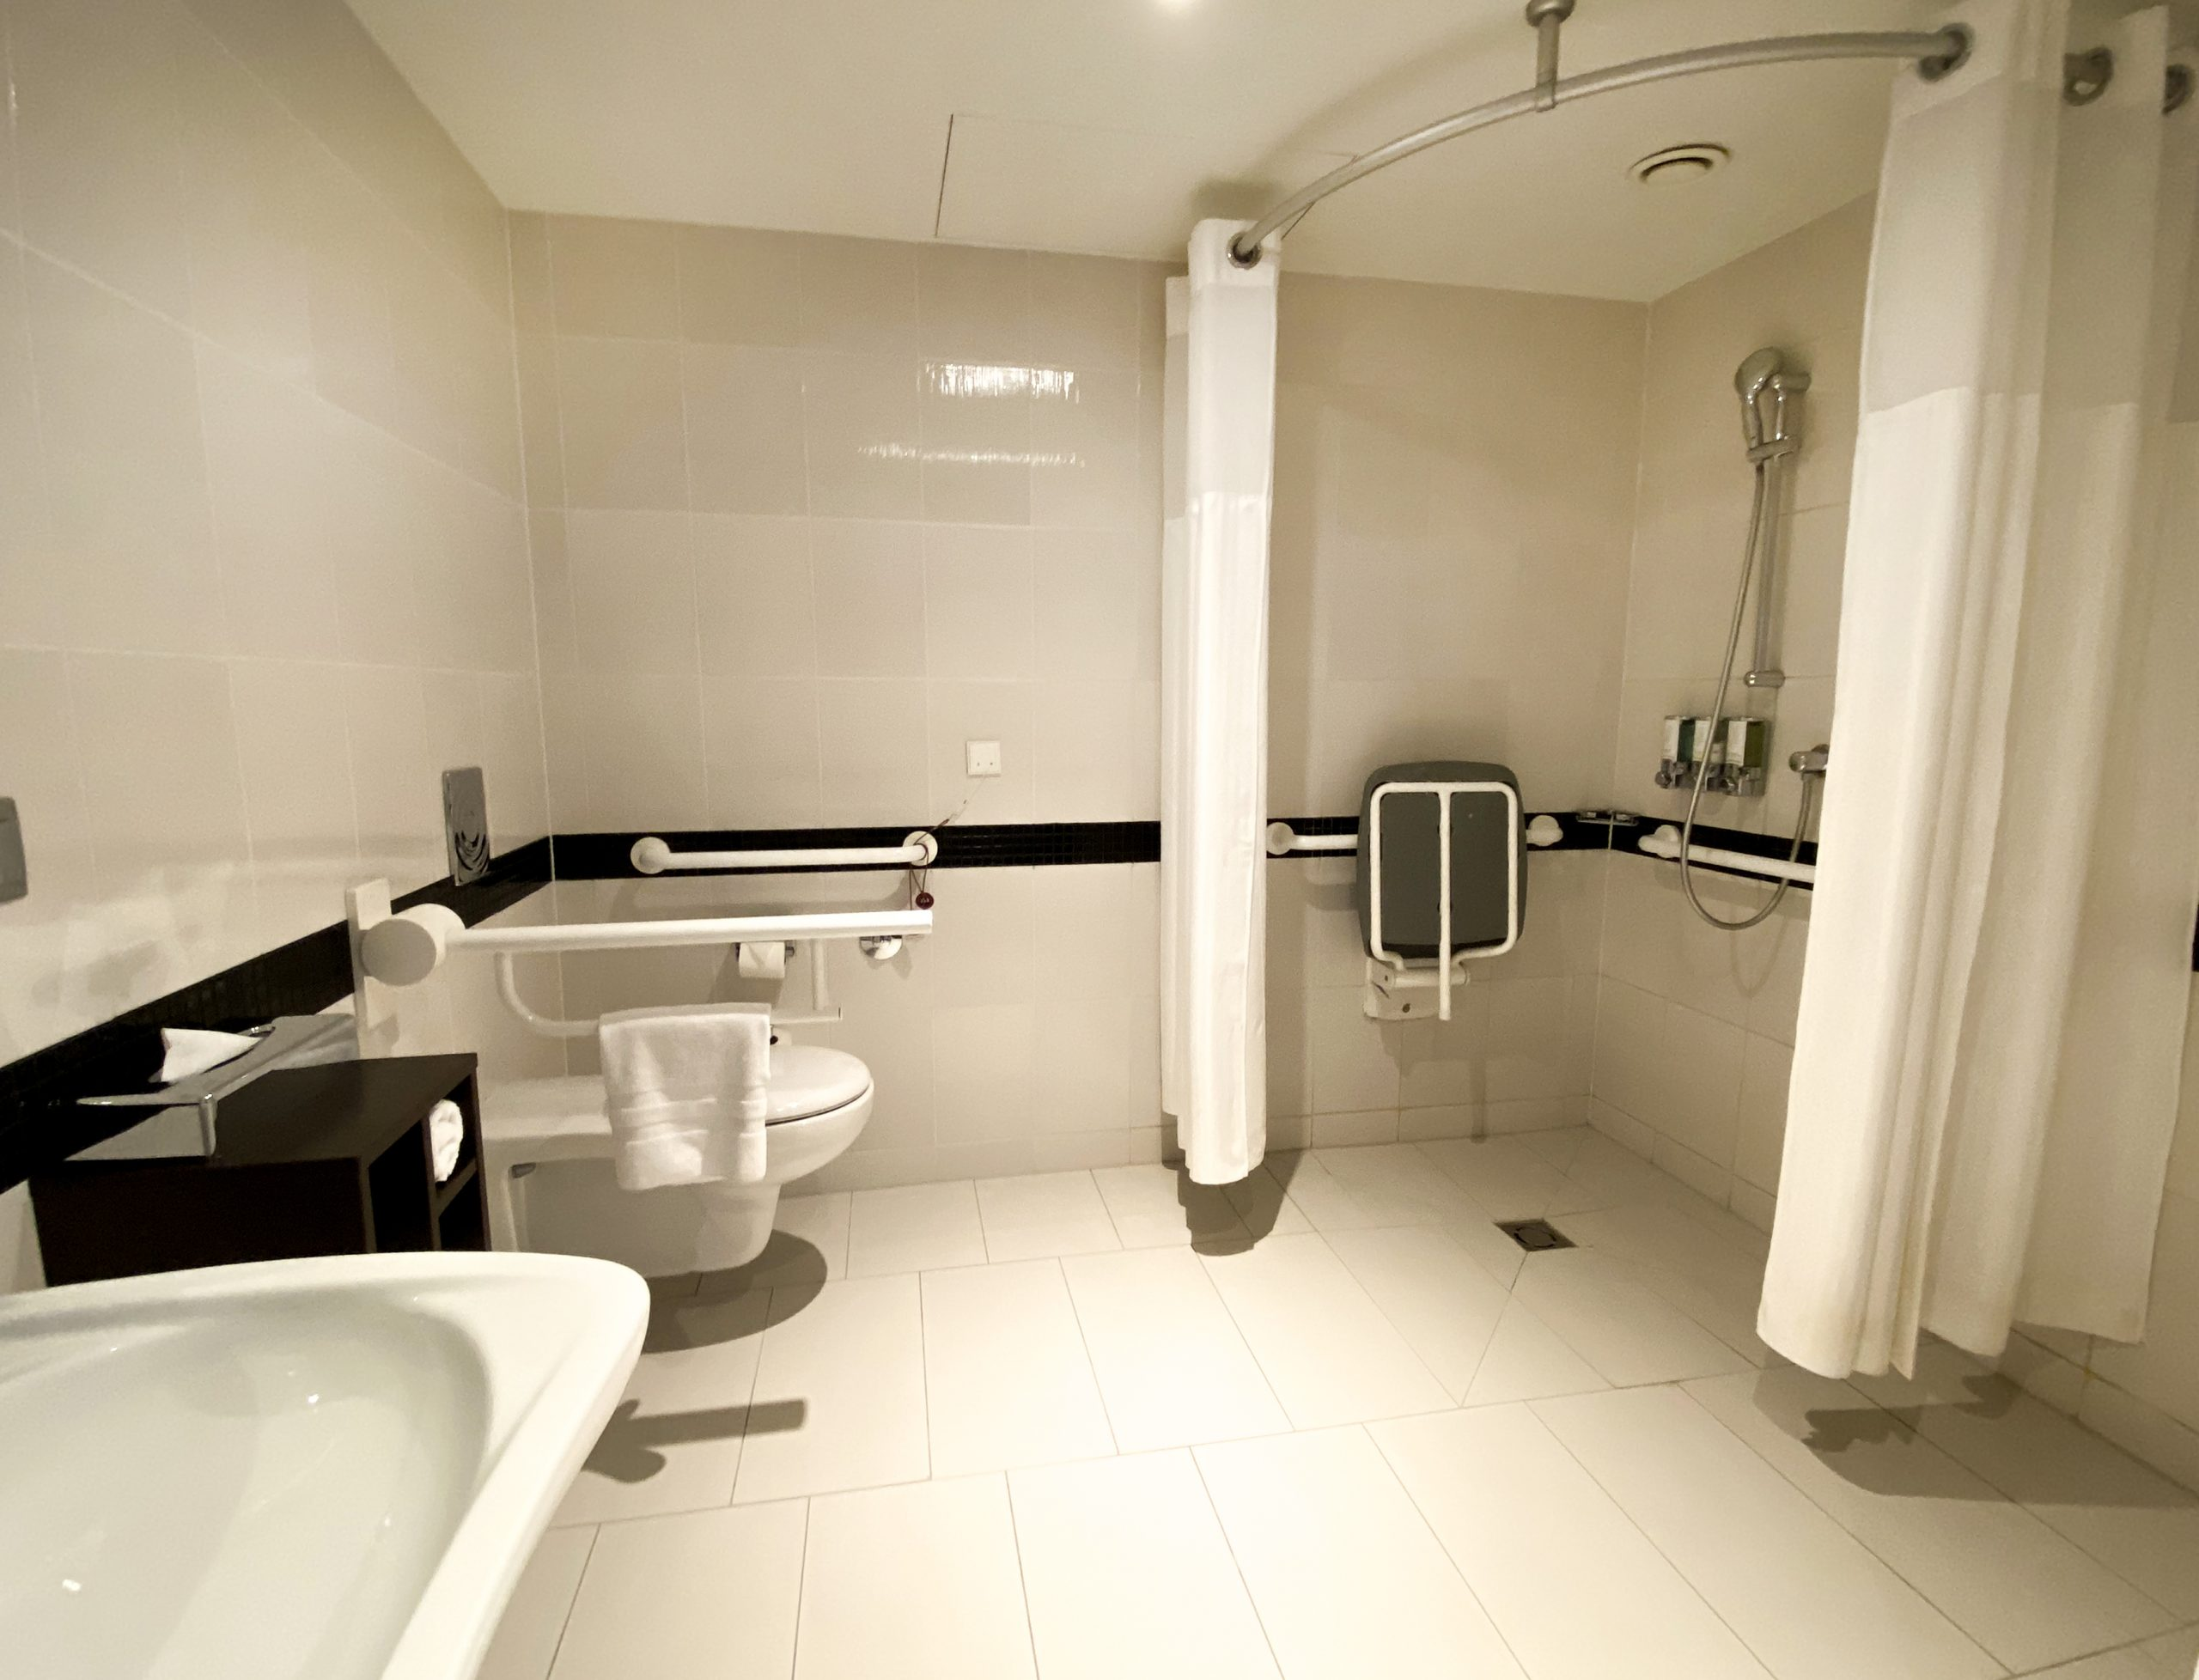 łazienka dla niepełnosprawnyc wHampton byHilton Warsaw City Centre